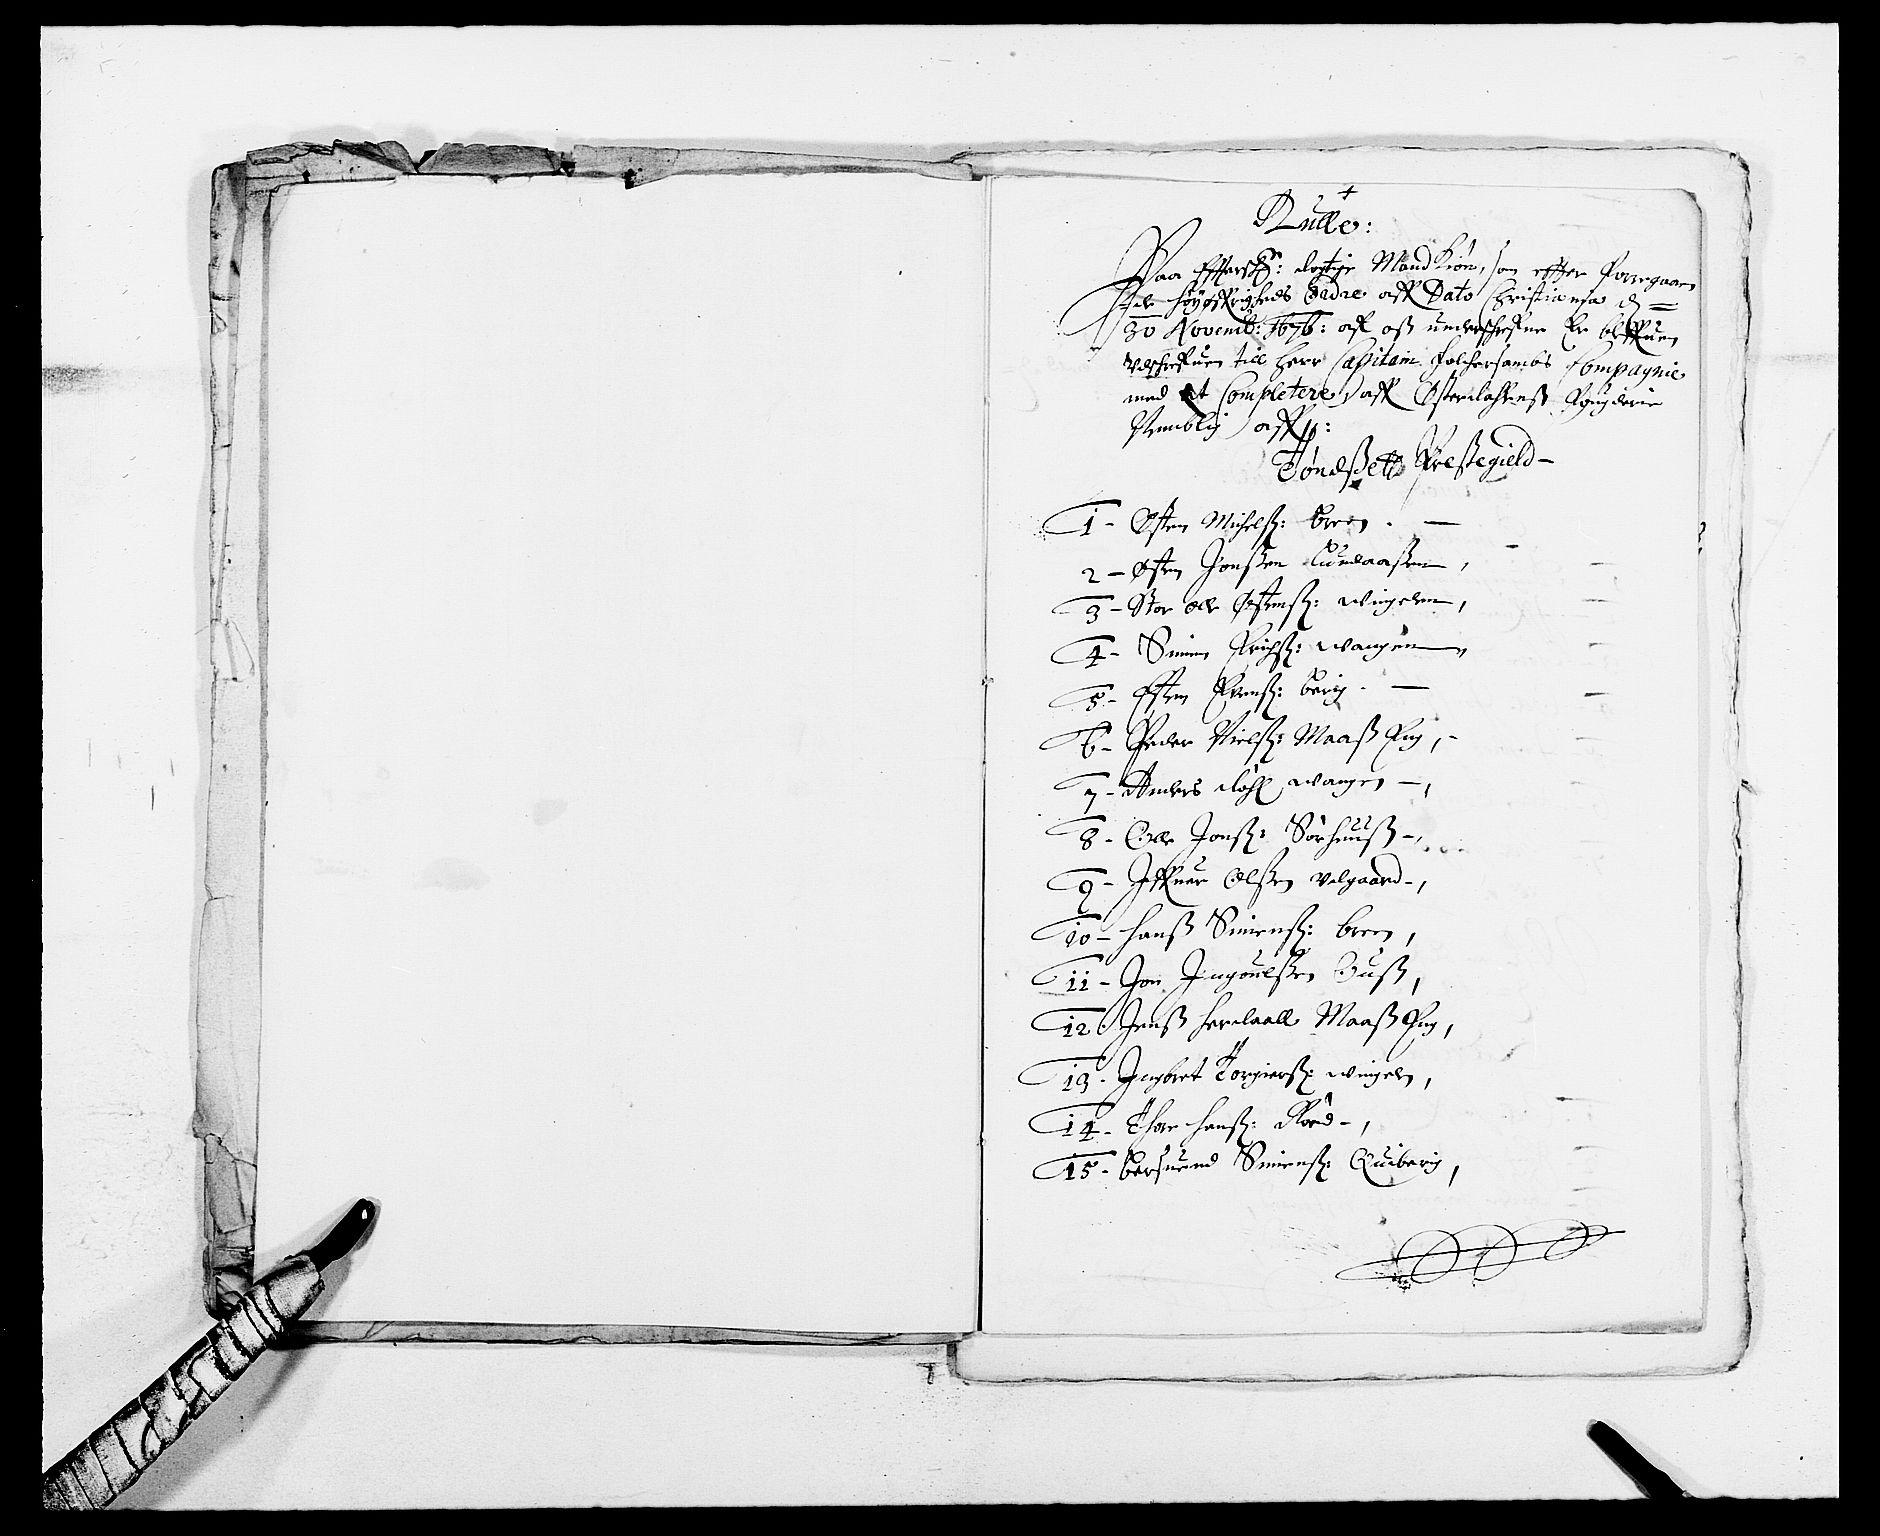 RA, Rentekammeret inntil 1814, Reviderte regnskaper, Fogderegnskap, R13/L0813: Fogderegnskap Solør, Odal og Østerdal, 1677, s. 187